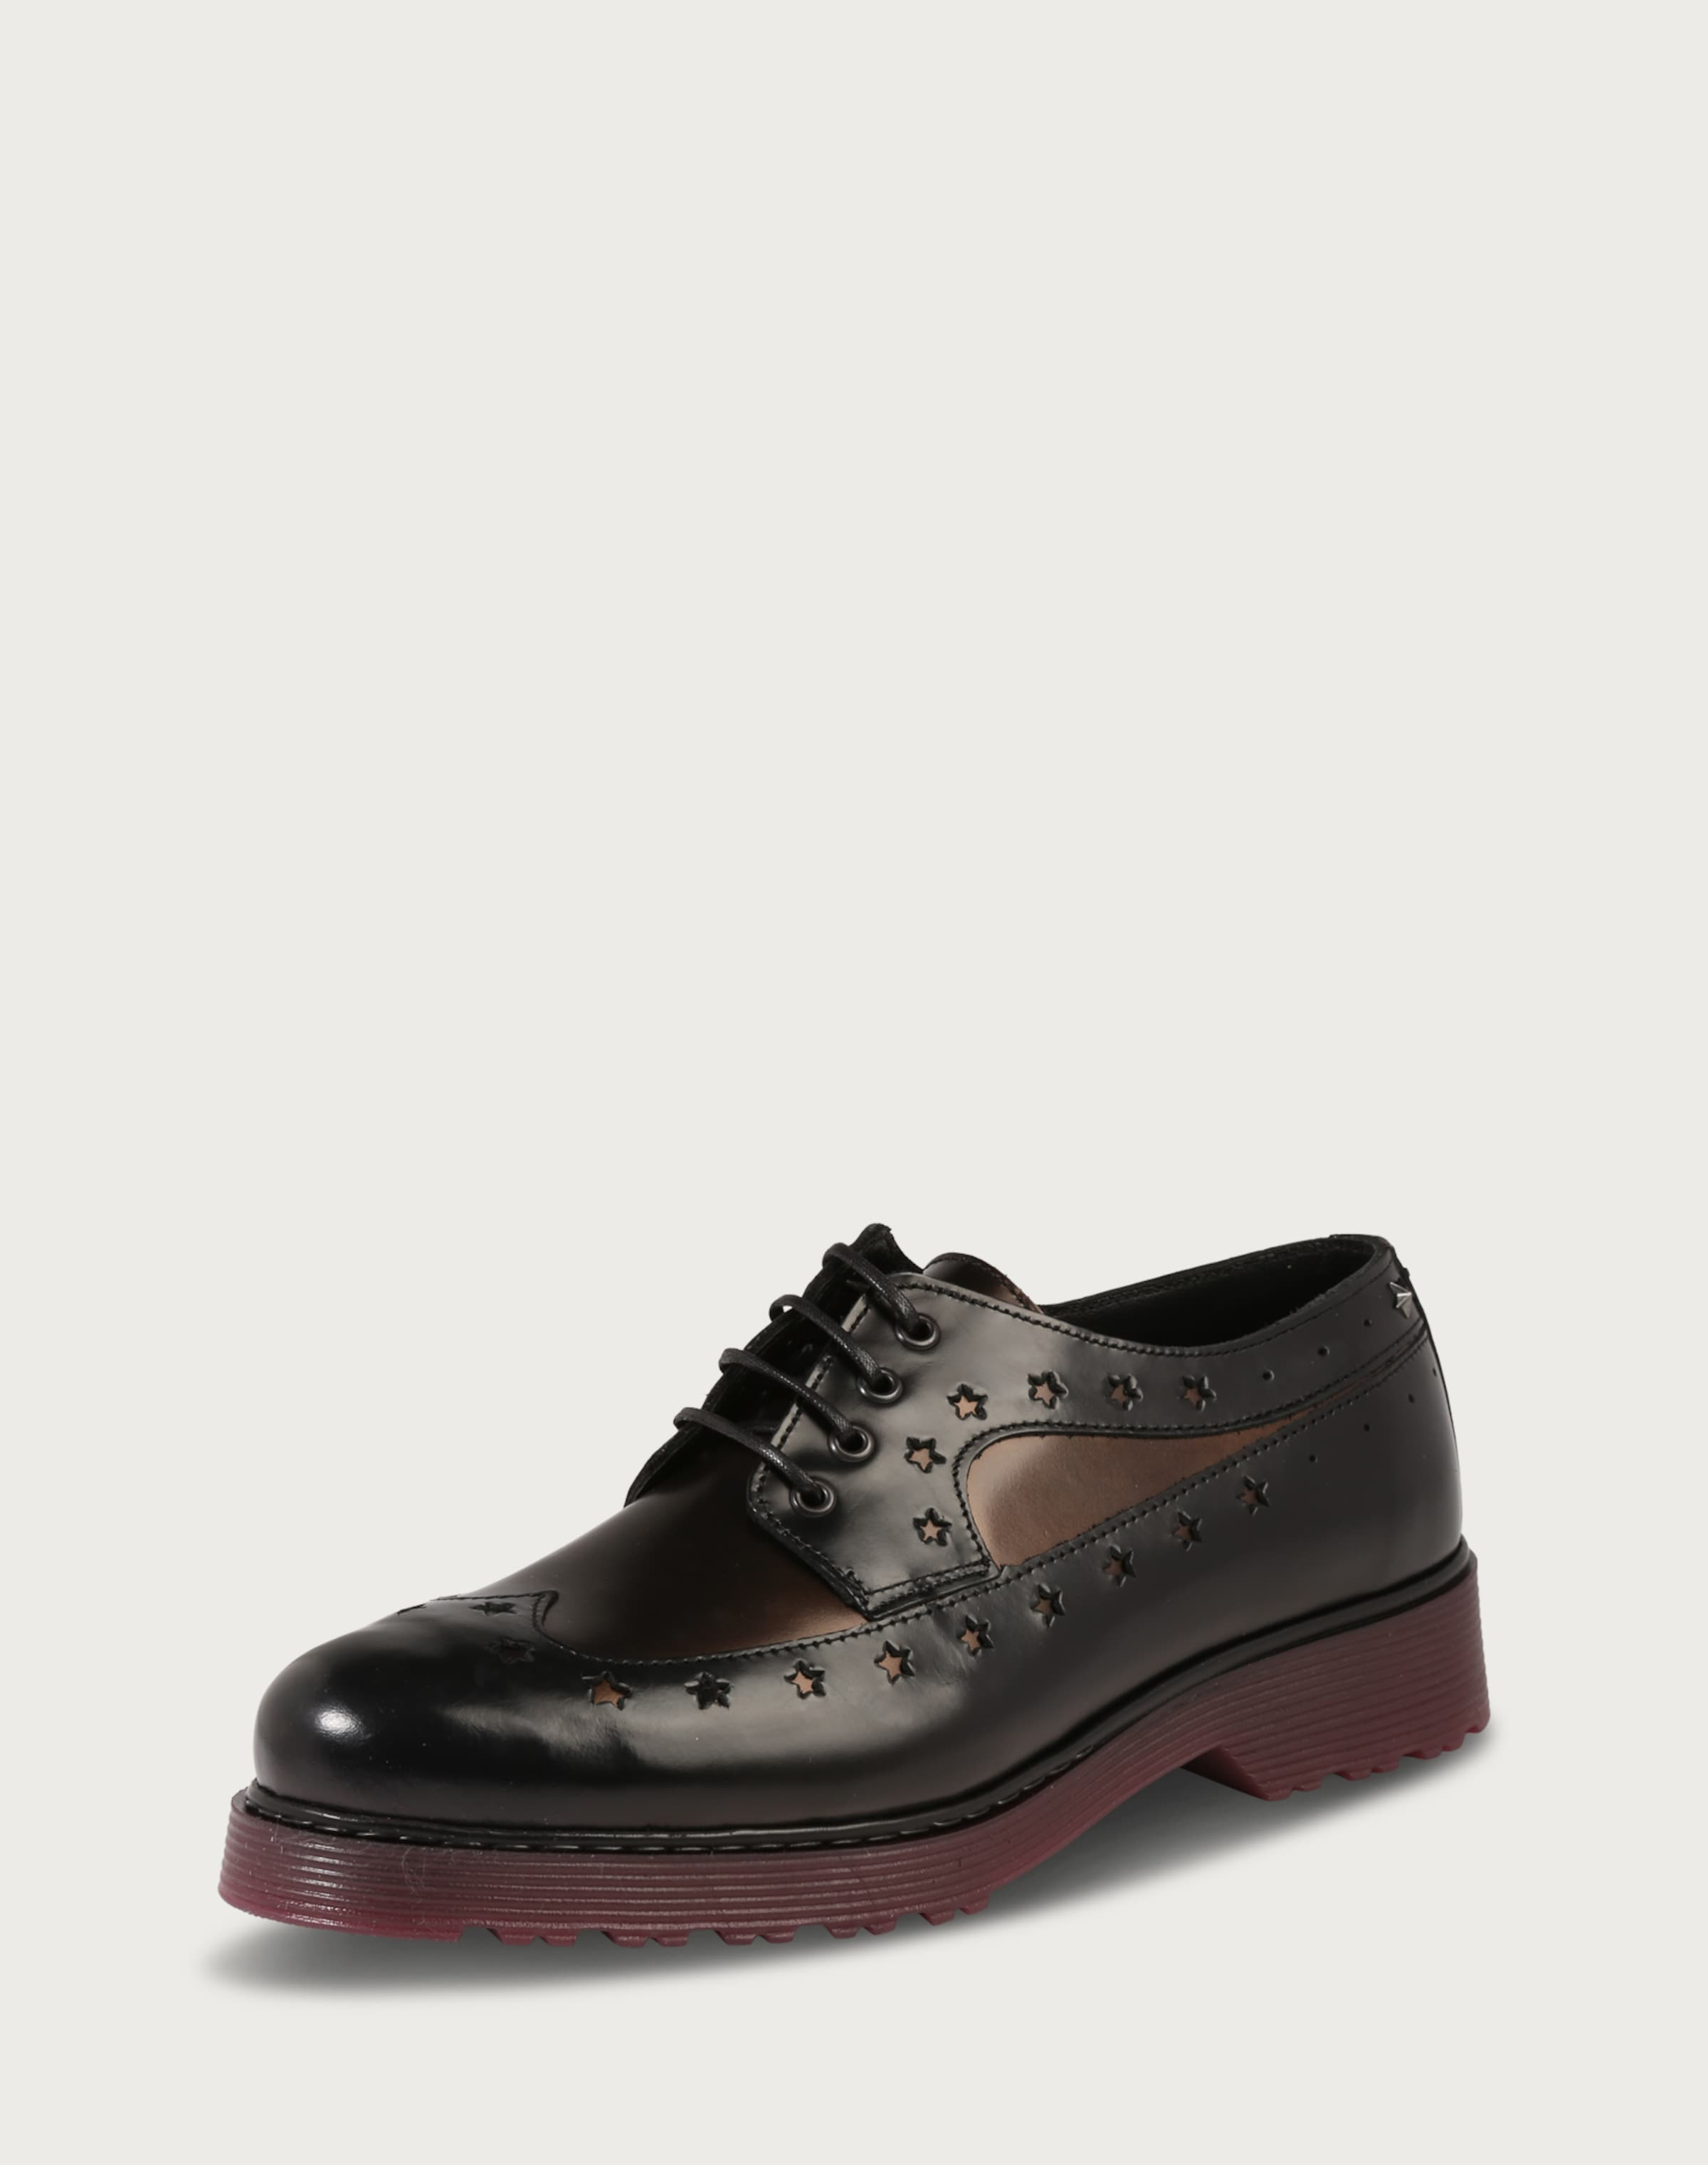 Haltbare Mode billige Schuhe TOMMY HILFIGER | Schnürer 'Lotta' Schuhe Gut getragene Schuhe